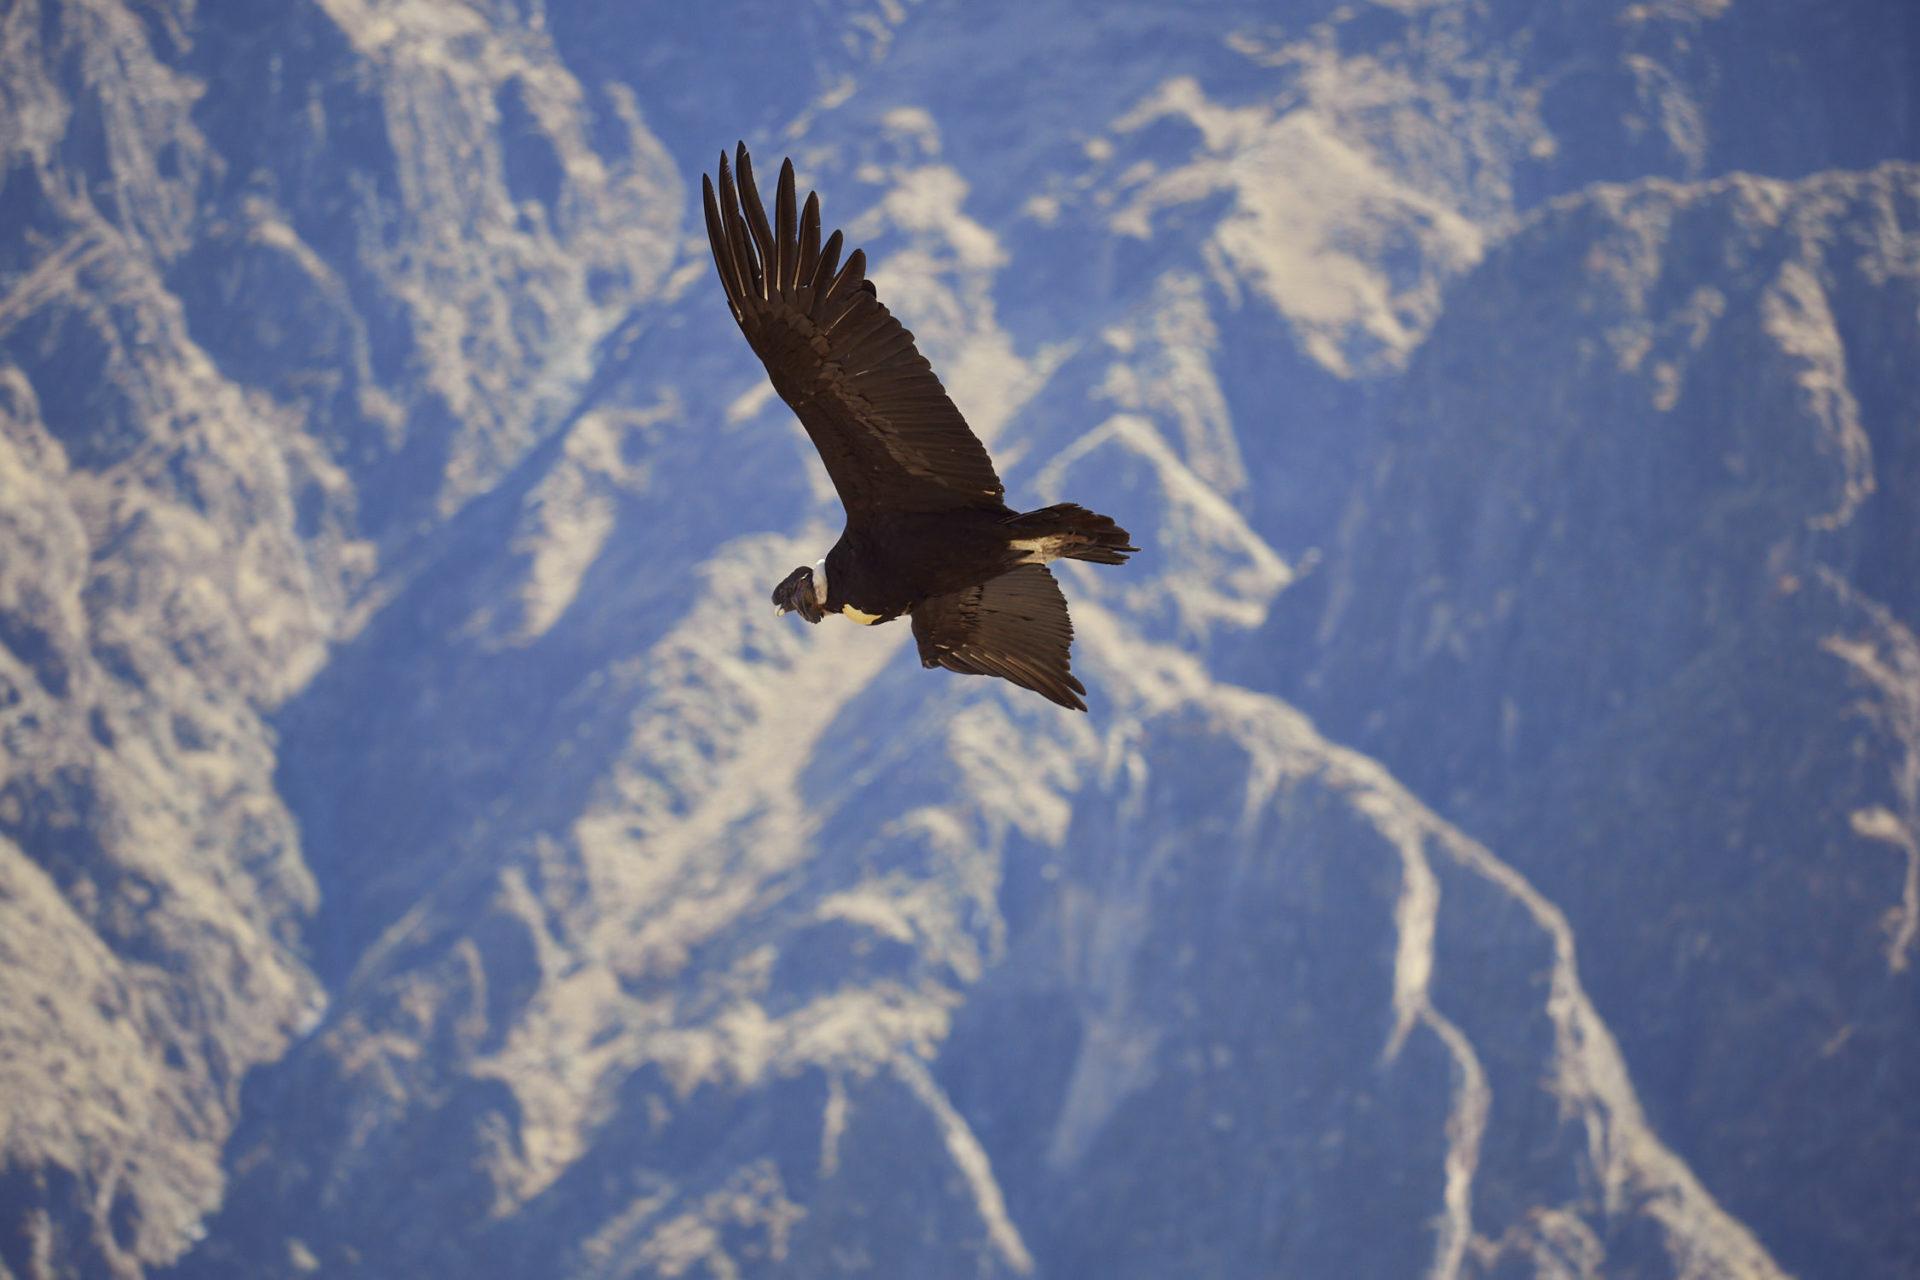 Der Andenkondor im Flug, Teil einer Strecke aus drei Bildern